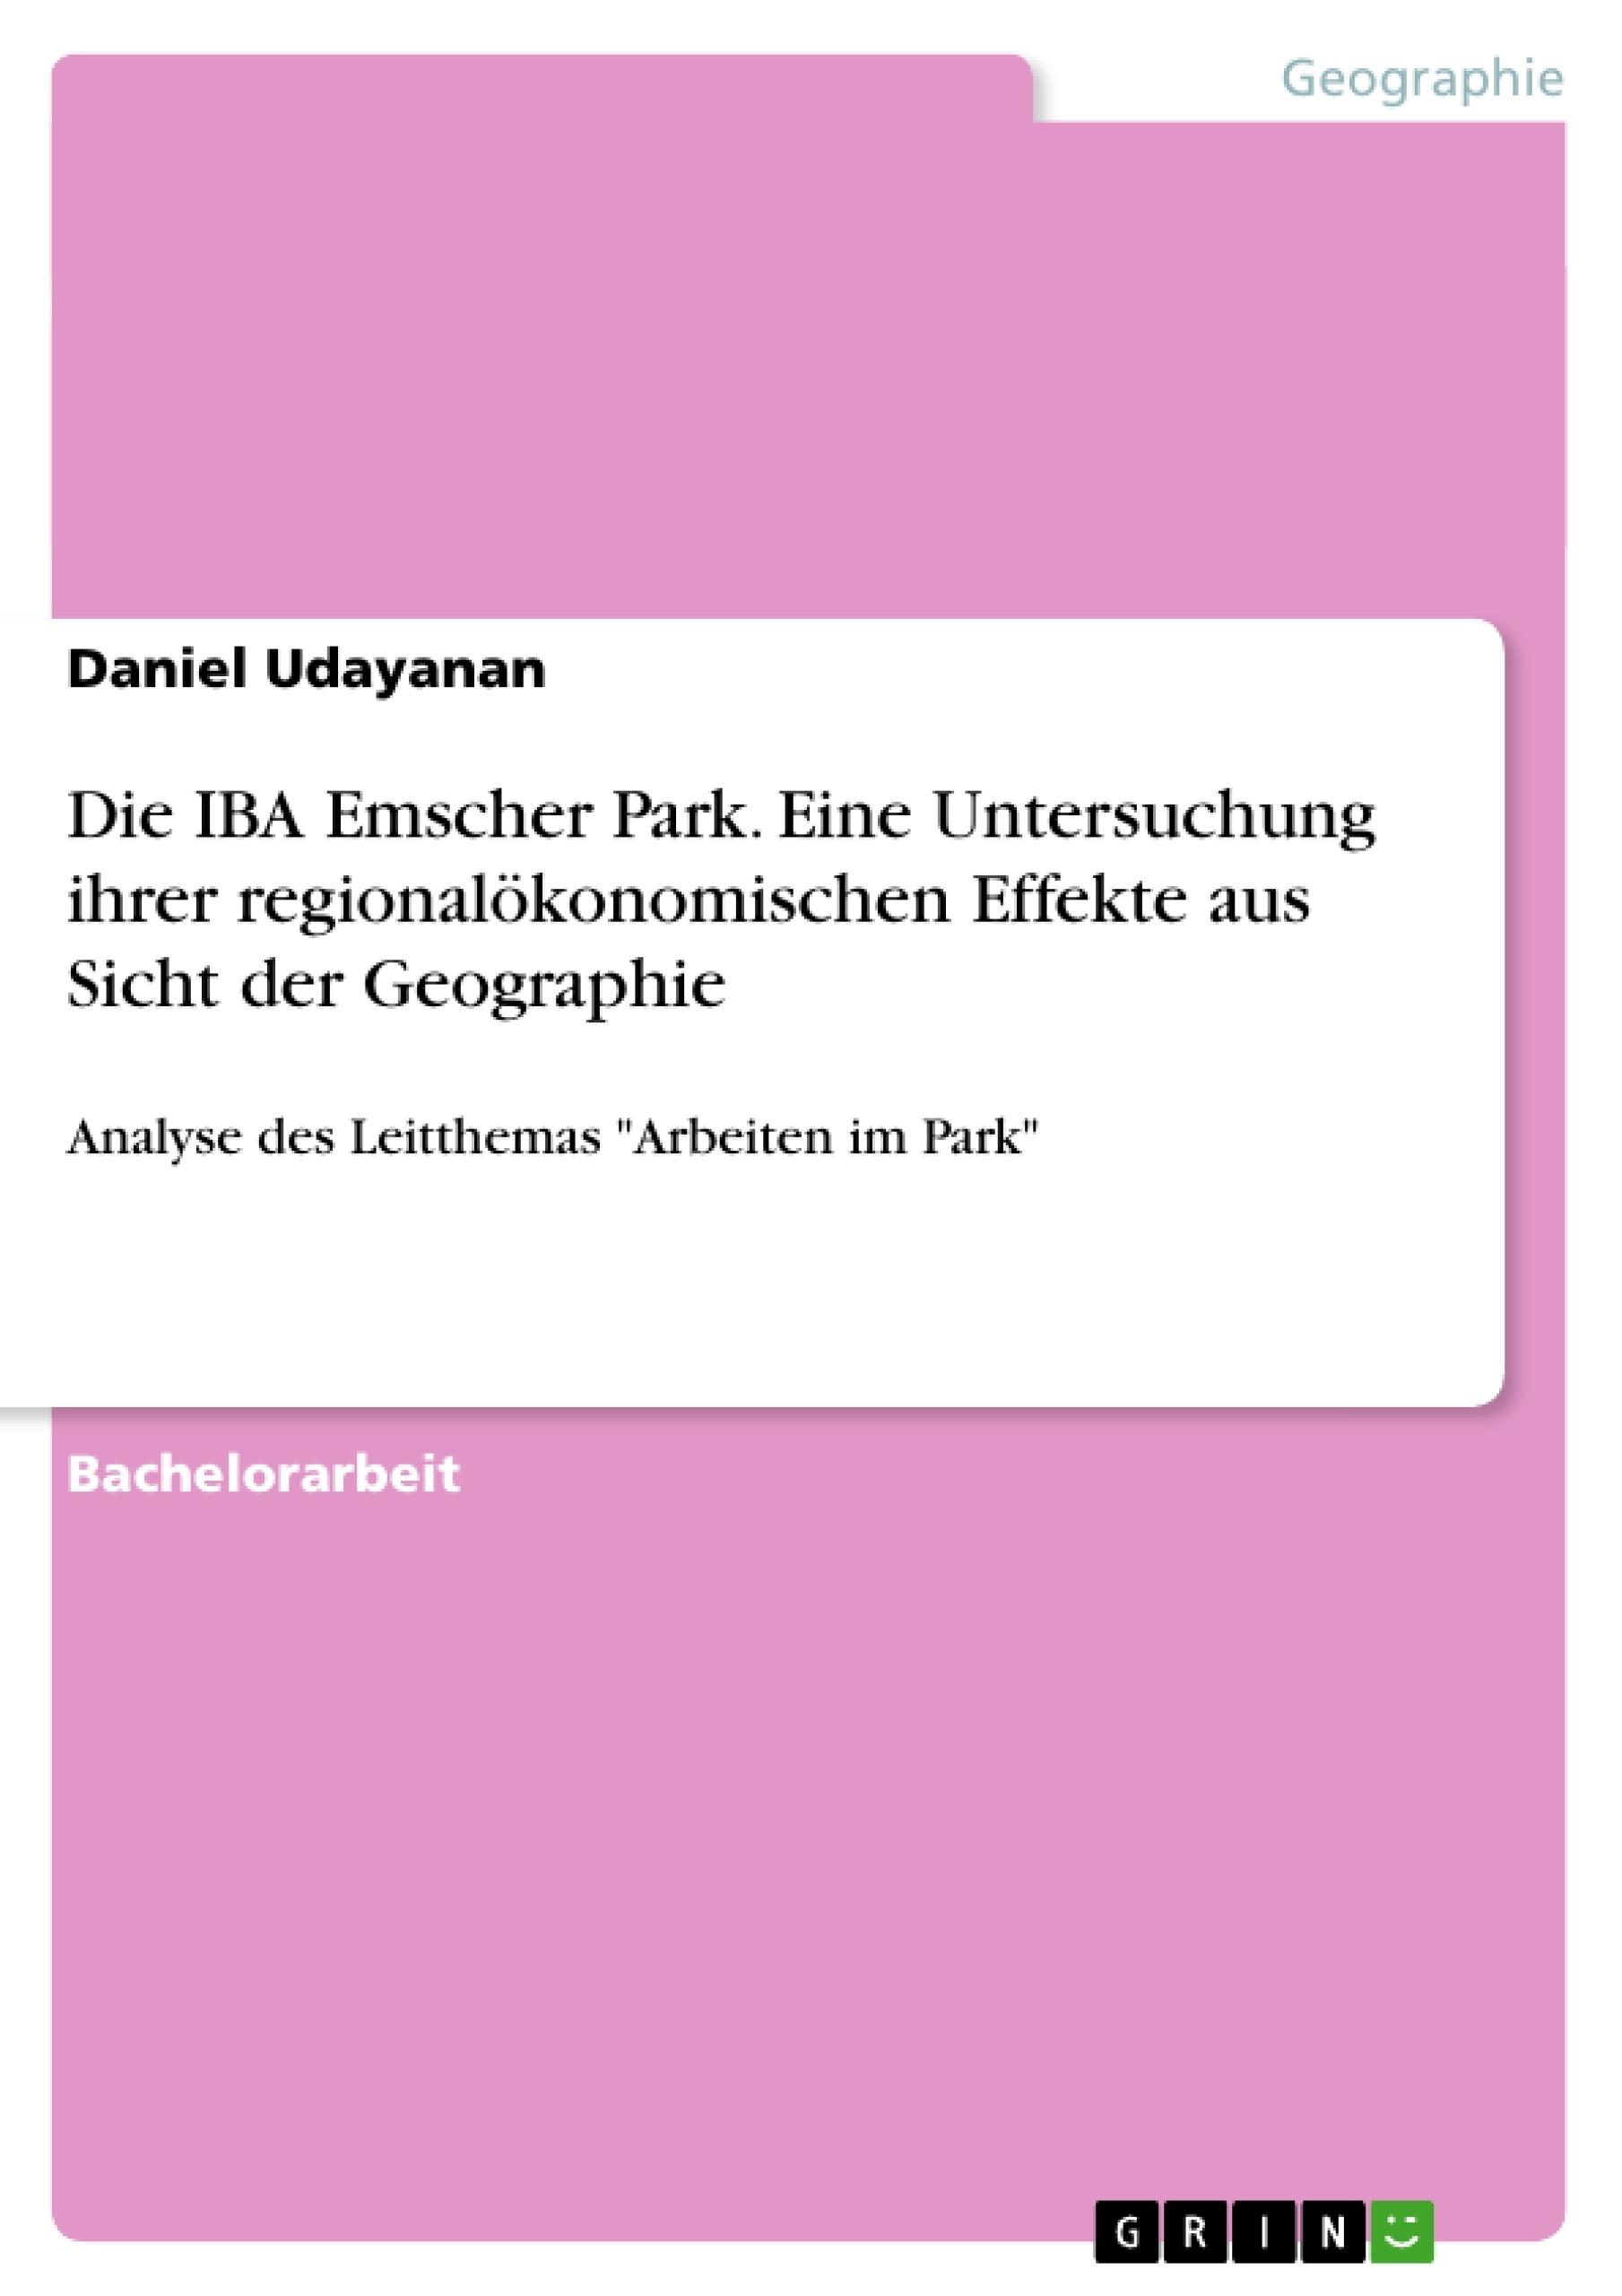 Titel: Die IBA Emscher Park. Eine Untersuchung ihrer regionalökonomischen Effekte aus Sicht der Geographie